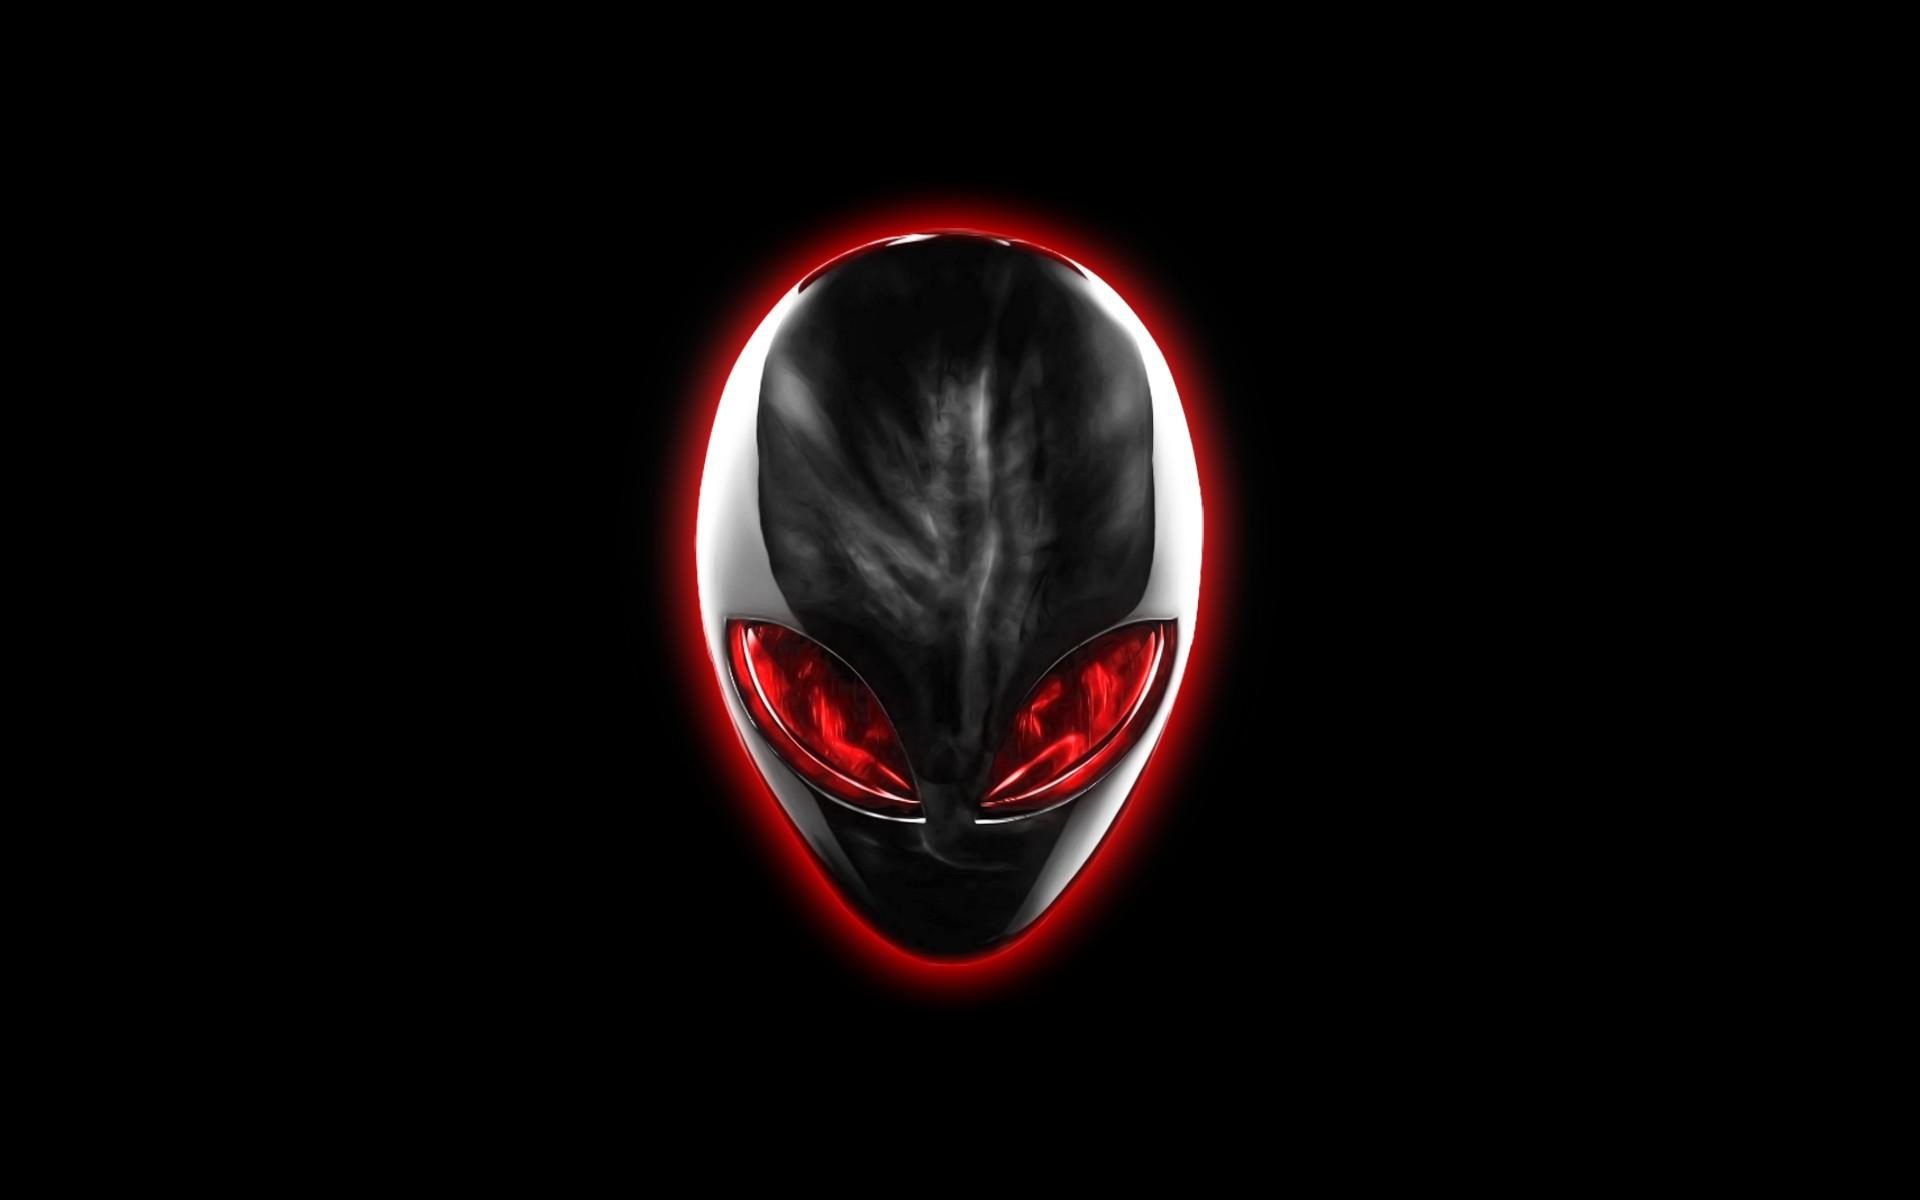 how to change alienware lighting